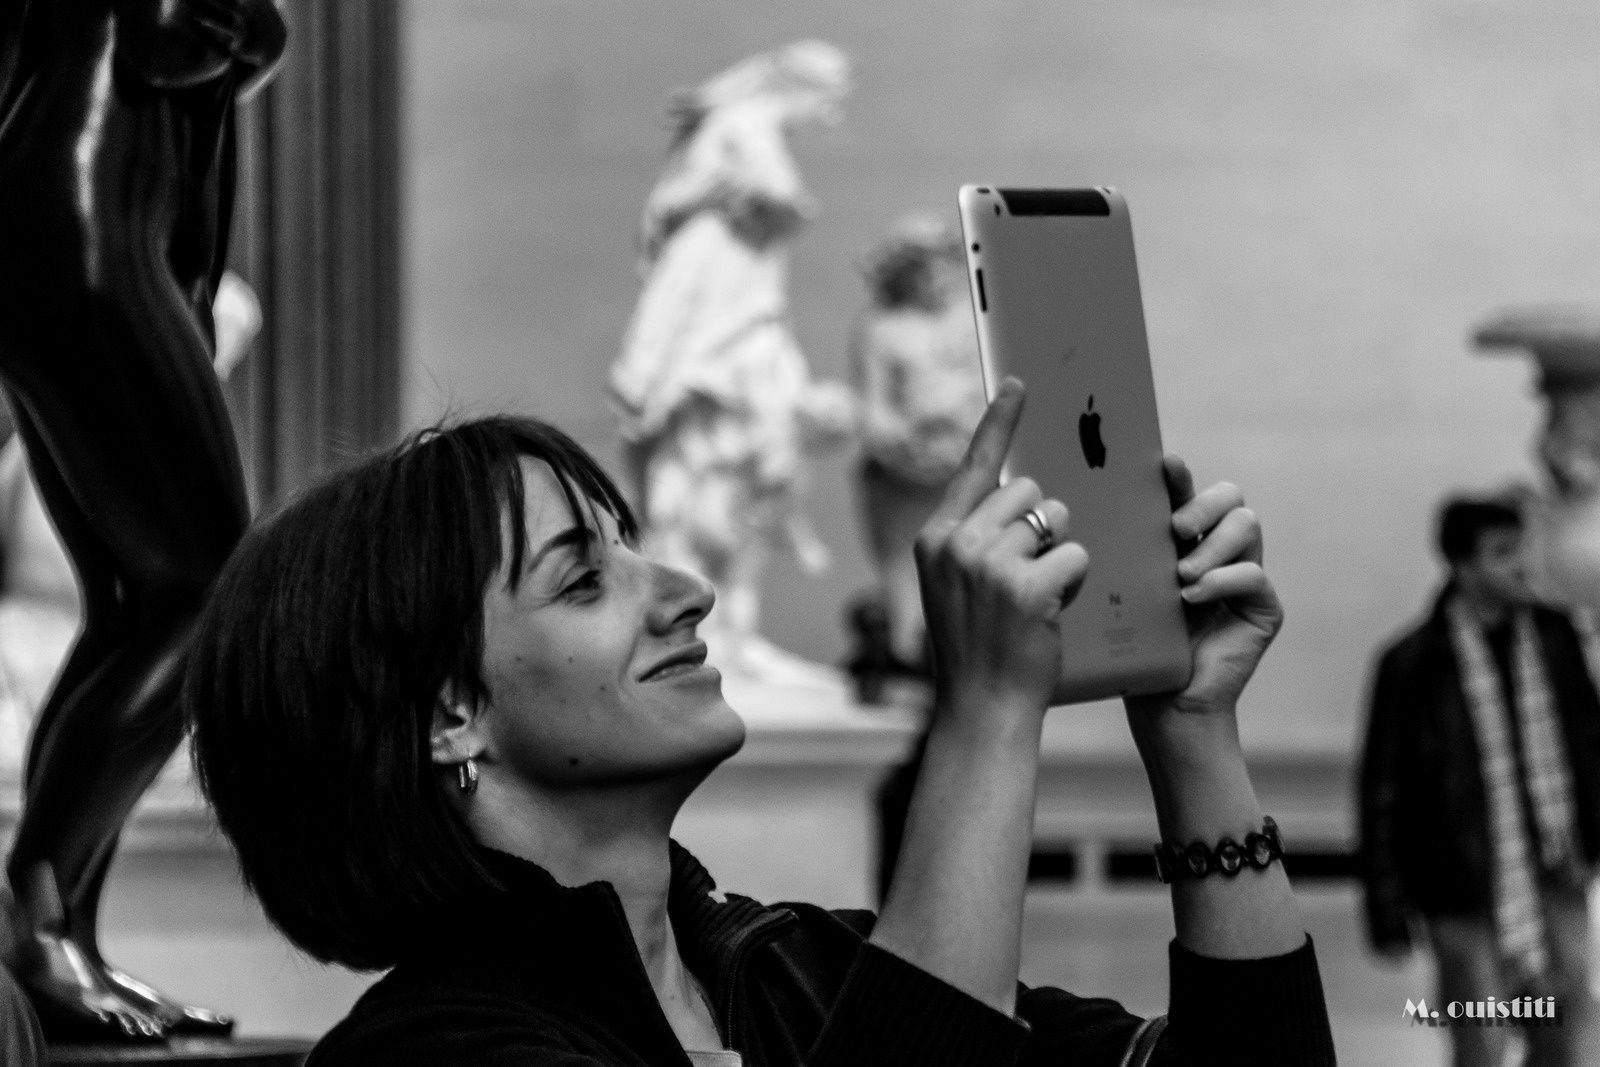 Arrêtez avec vos *^§%'# de tablettes à la *$#-!!! (Photo prise au Metropolitan Museum of Art au fait, et R.I.P la p*tasse à la tablette, je l'ai assassinée à coup de monopode que je me suis efforcé de ne pas utiliser pour ne gêner personne groumpf !)   (=^-^=) /